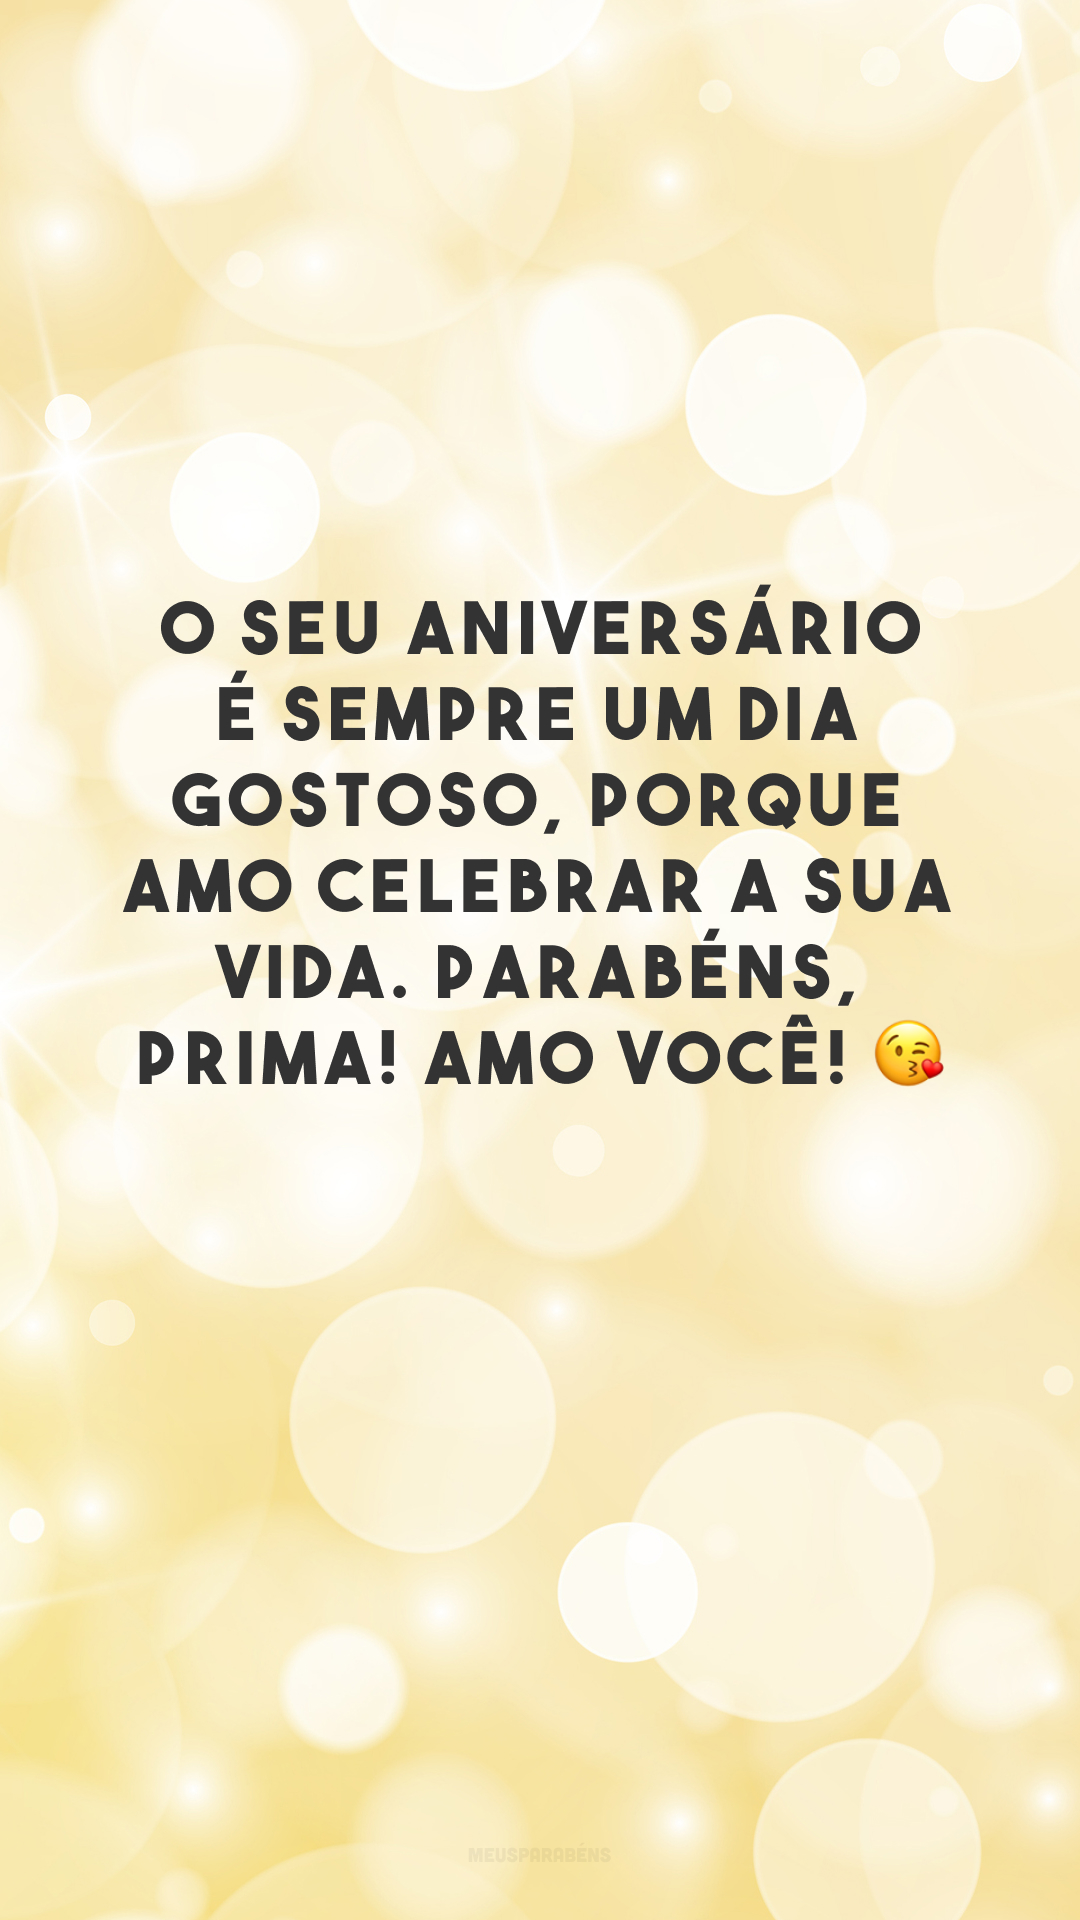 O seu aniversário é sempre um dia gostoso, porque amo celebrar a sua vida. Parabéns, prima! Amo você! 😘